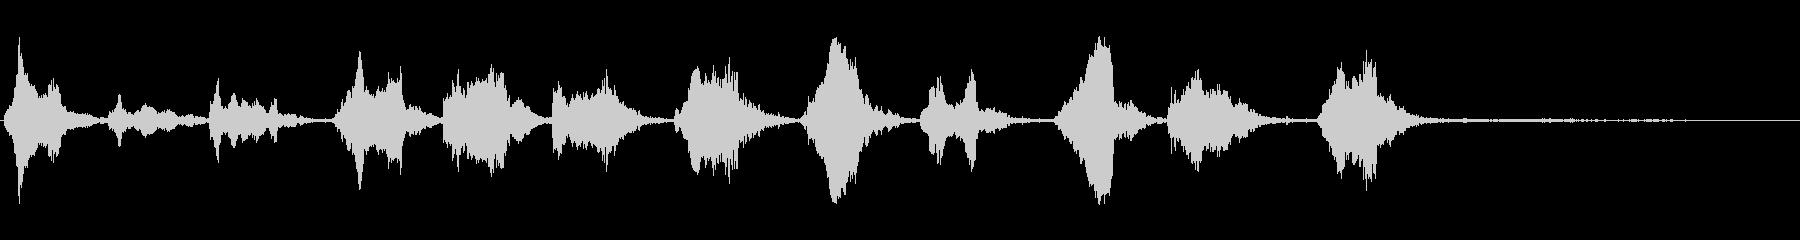 太平洋パイロットクジラ:一定の高さ...の未再生の波形